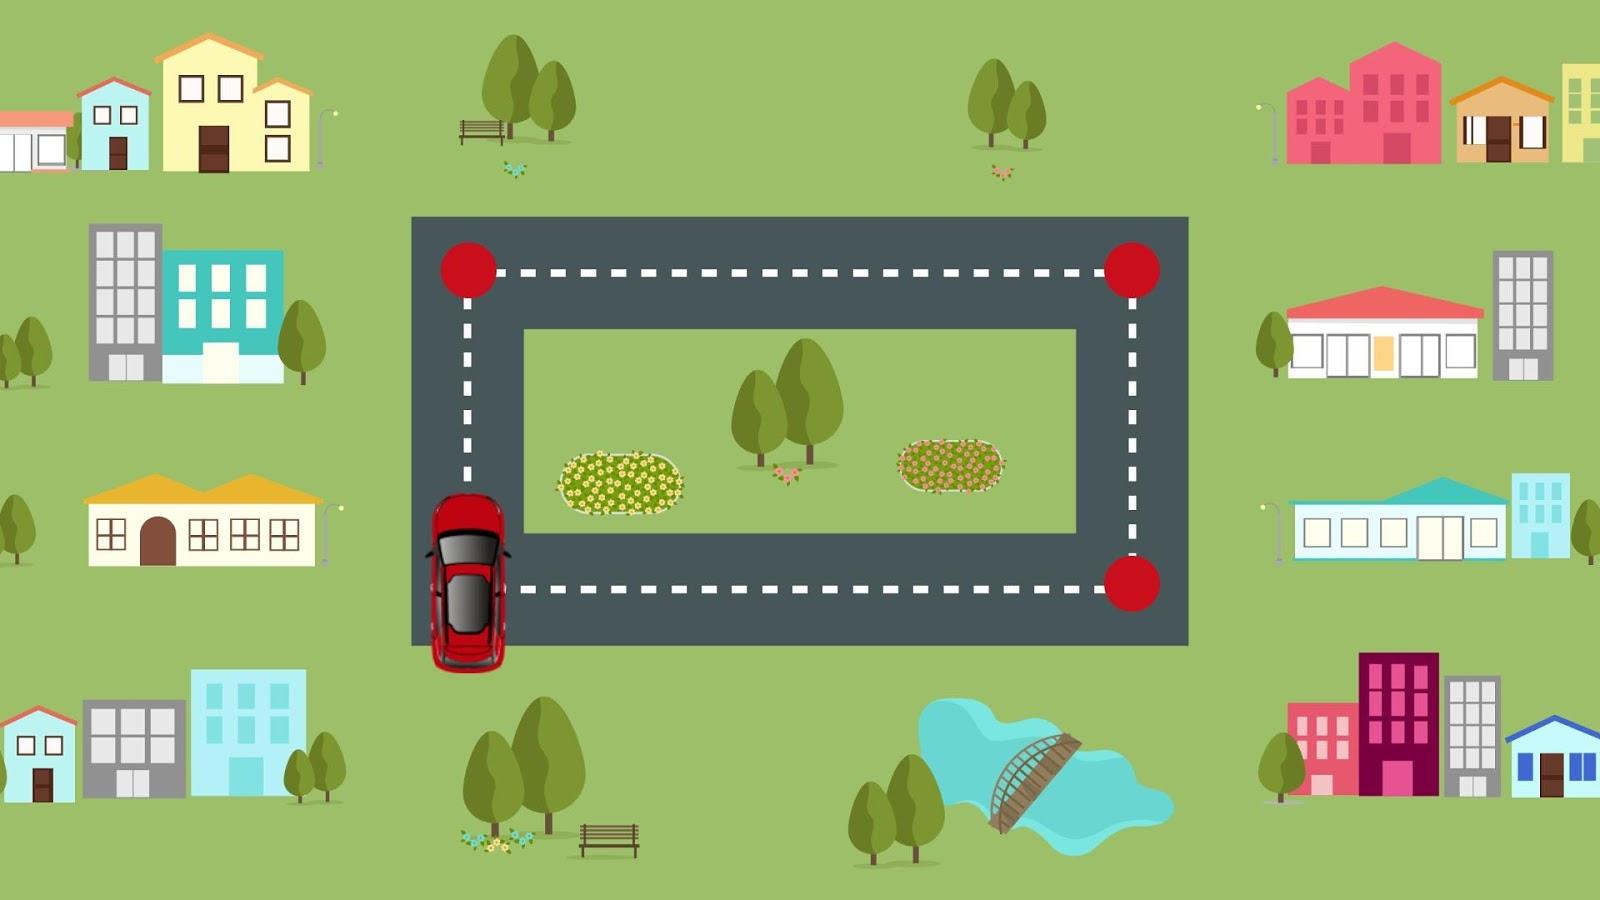 Σχήματα - στιγμιότυπο οθόνης